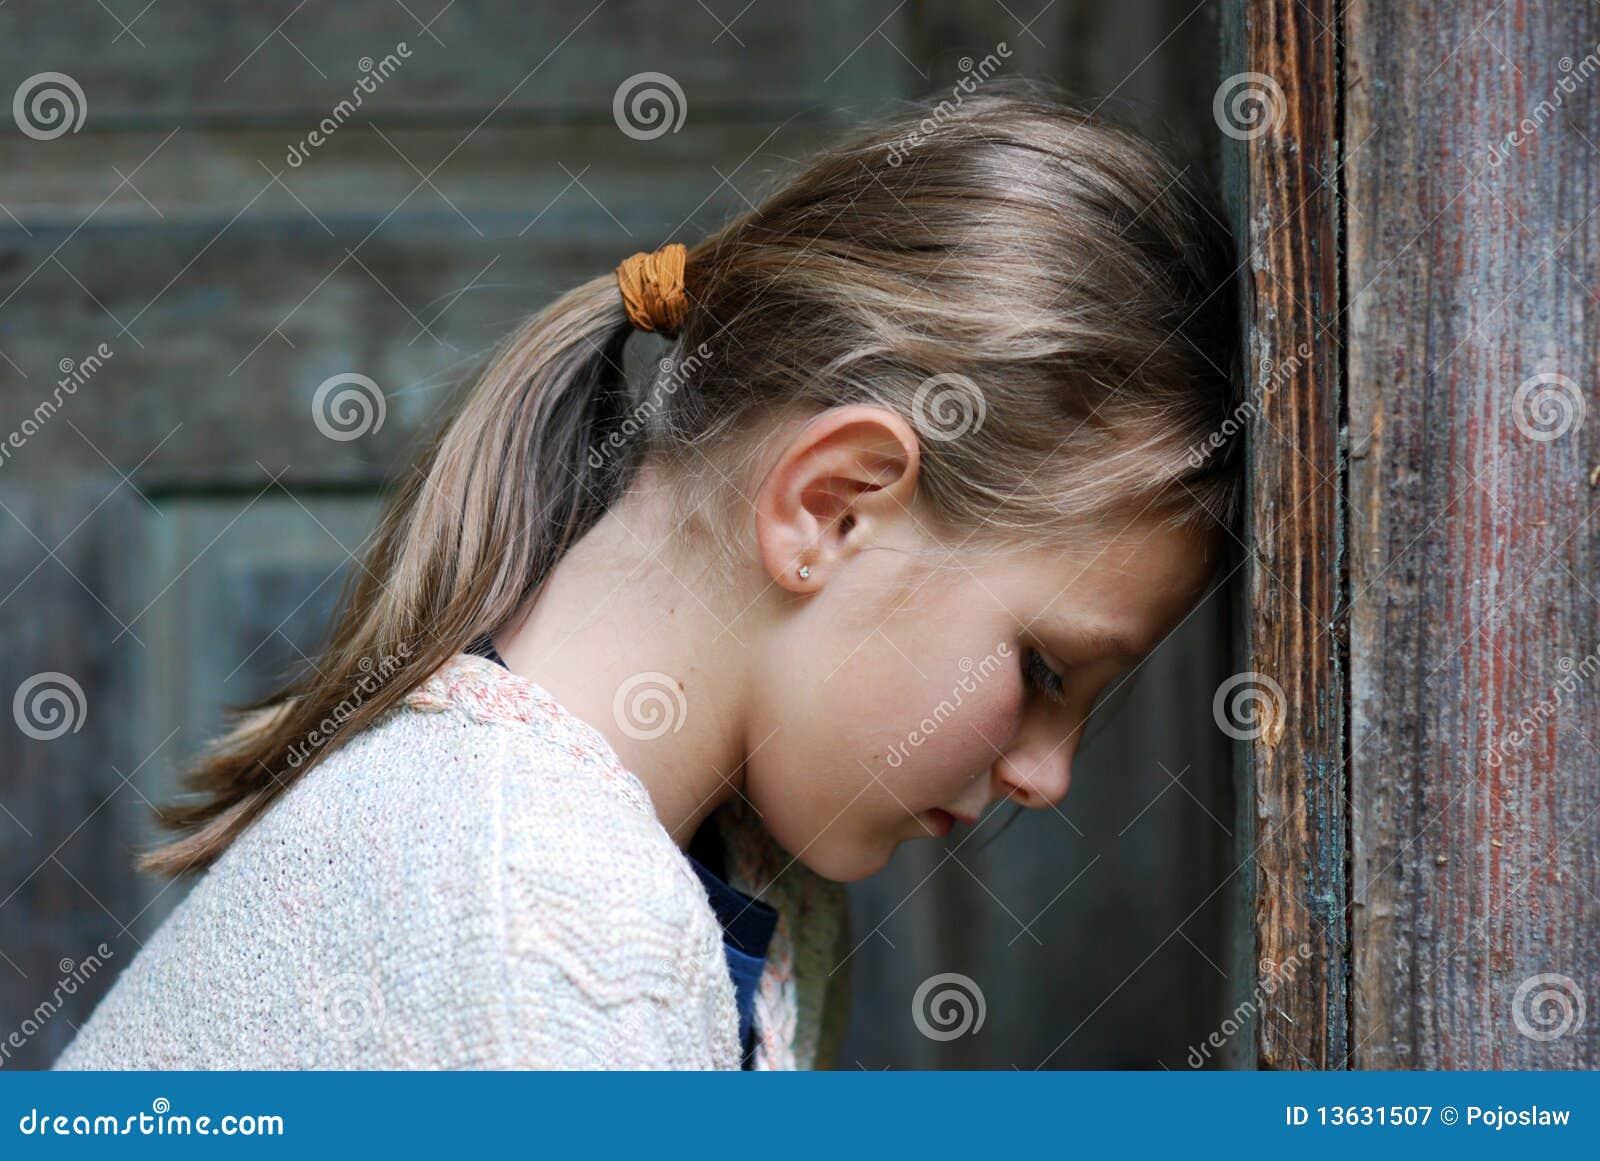 Фото домашнего анала девочки 17 фотография